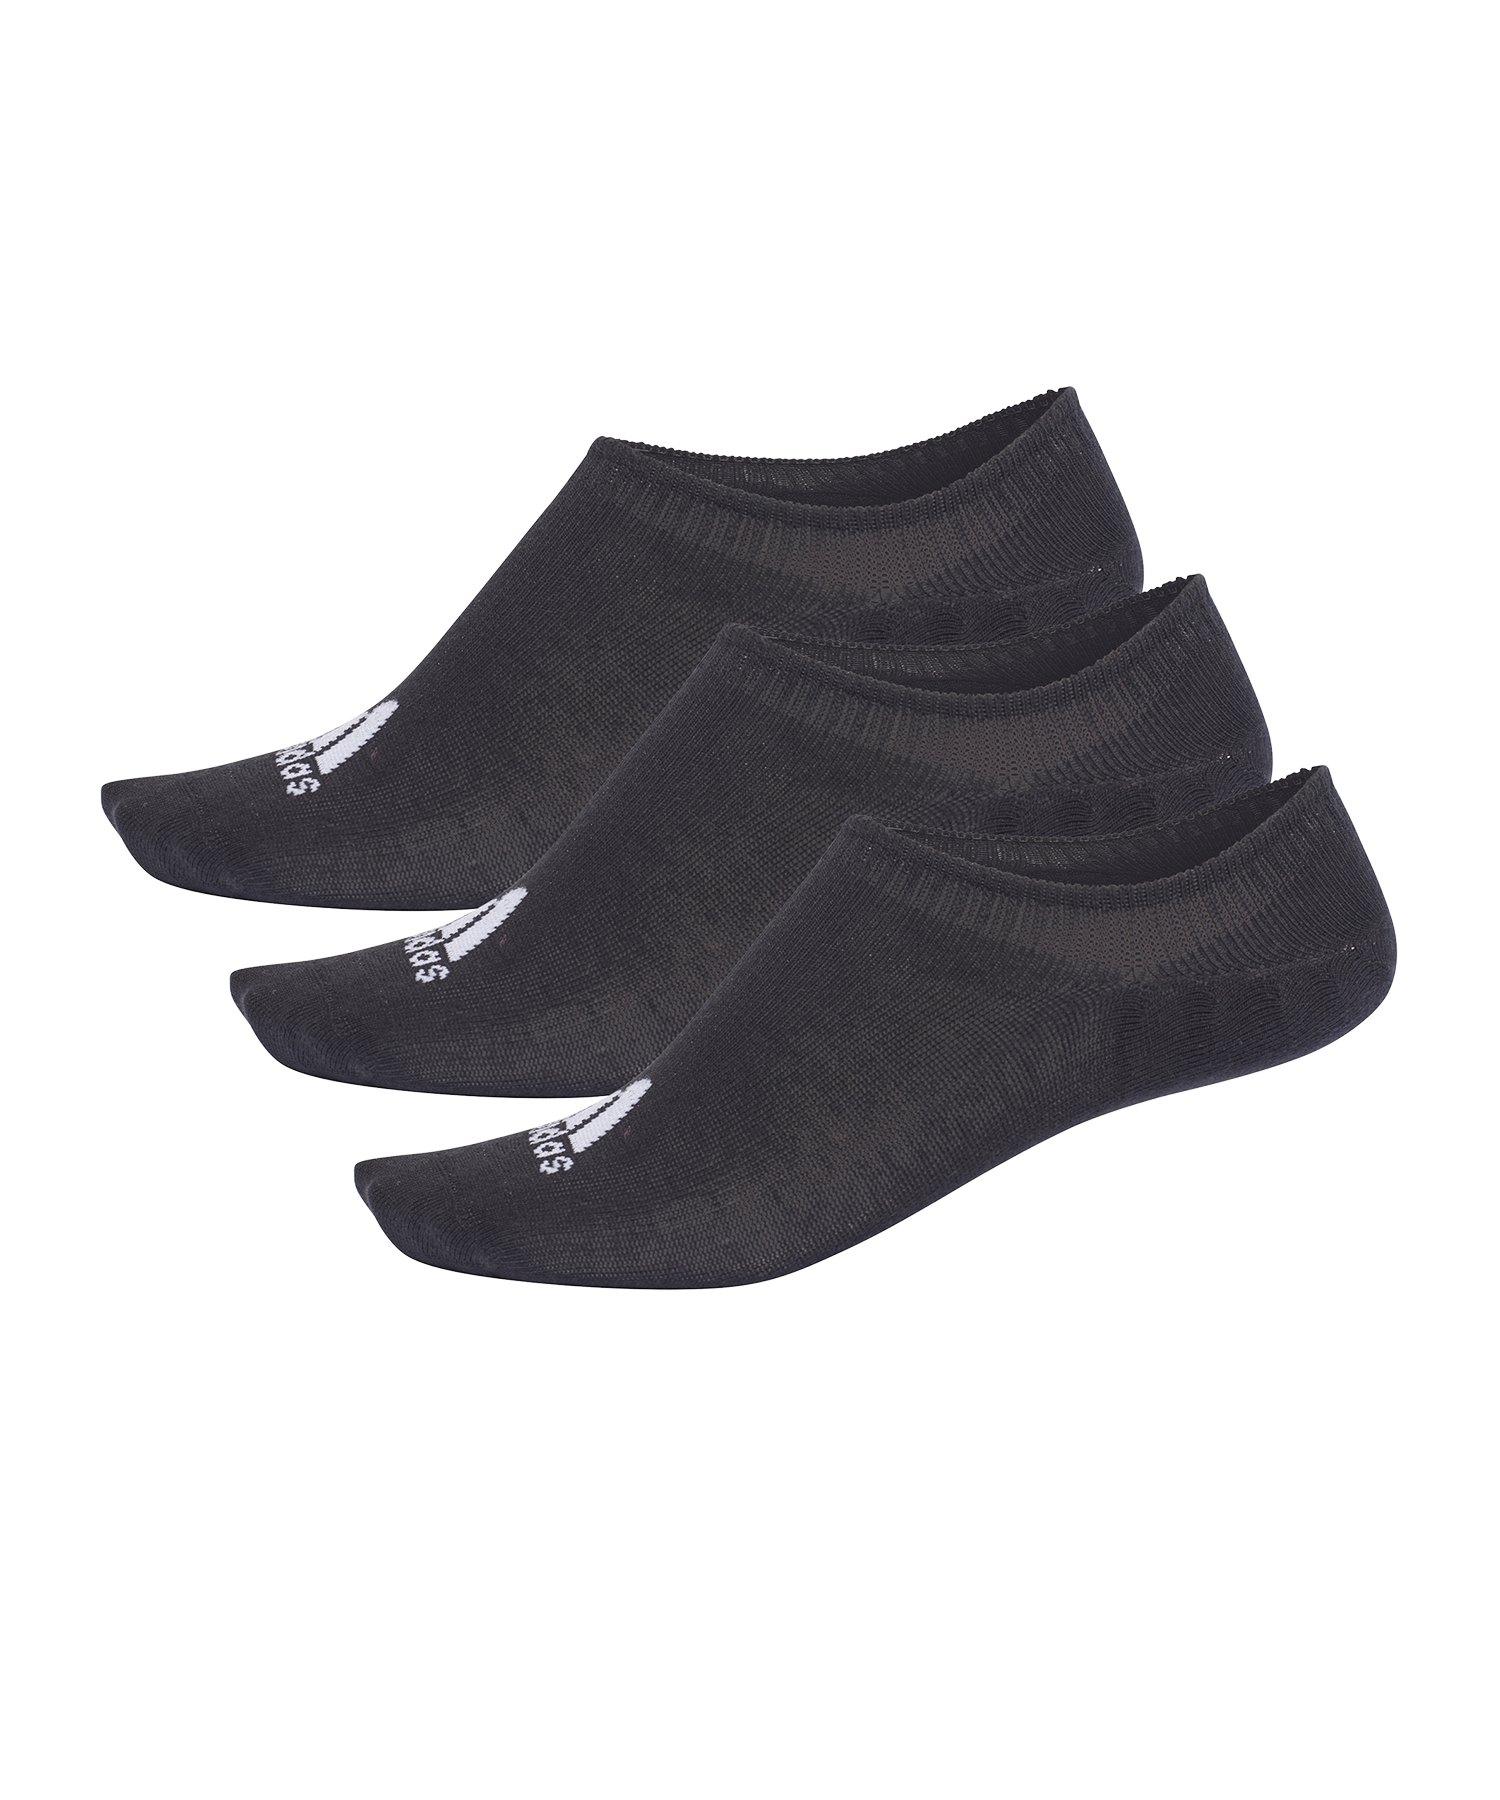 adidas Performance Invisible Socken 3 Paar Schwarz - schwarz